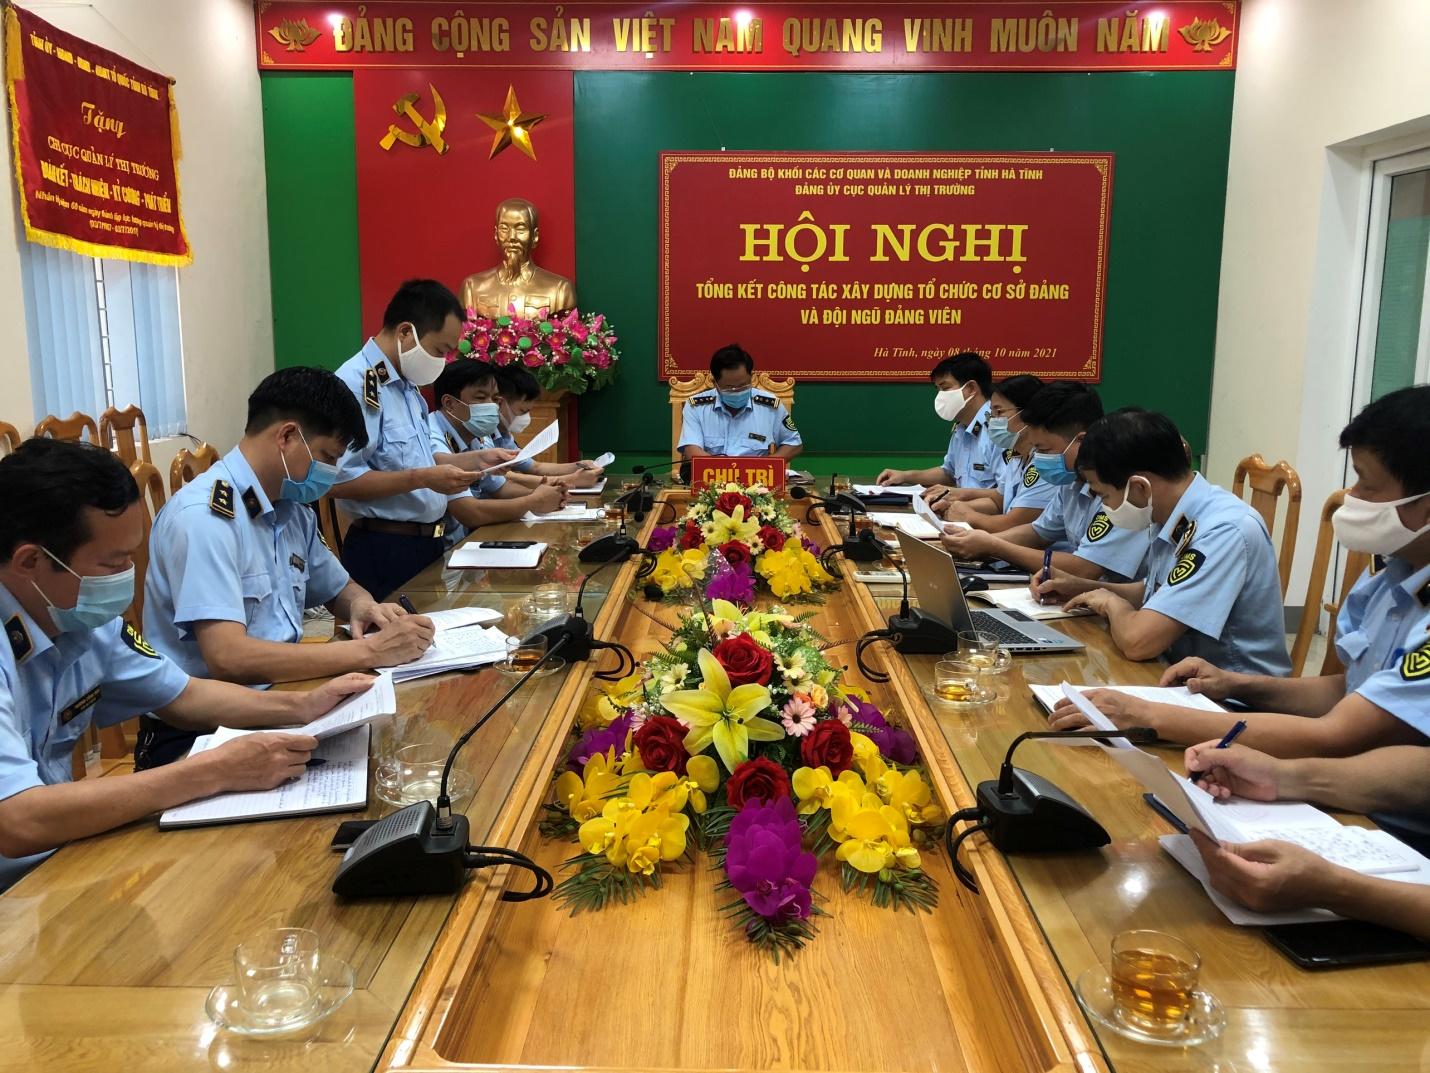 Đảng bộ Cục quản lý thị trường Hà Tĩnh Tổng kết công tác xây dựng tổ chức cơ sở Đảng và đội ngũ Đảng viên